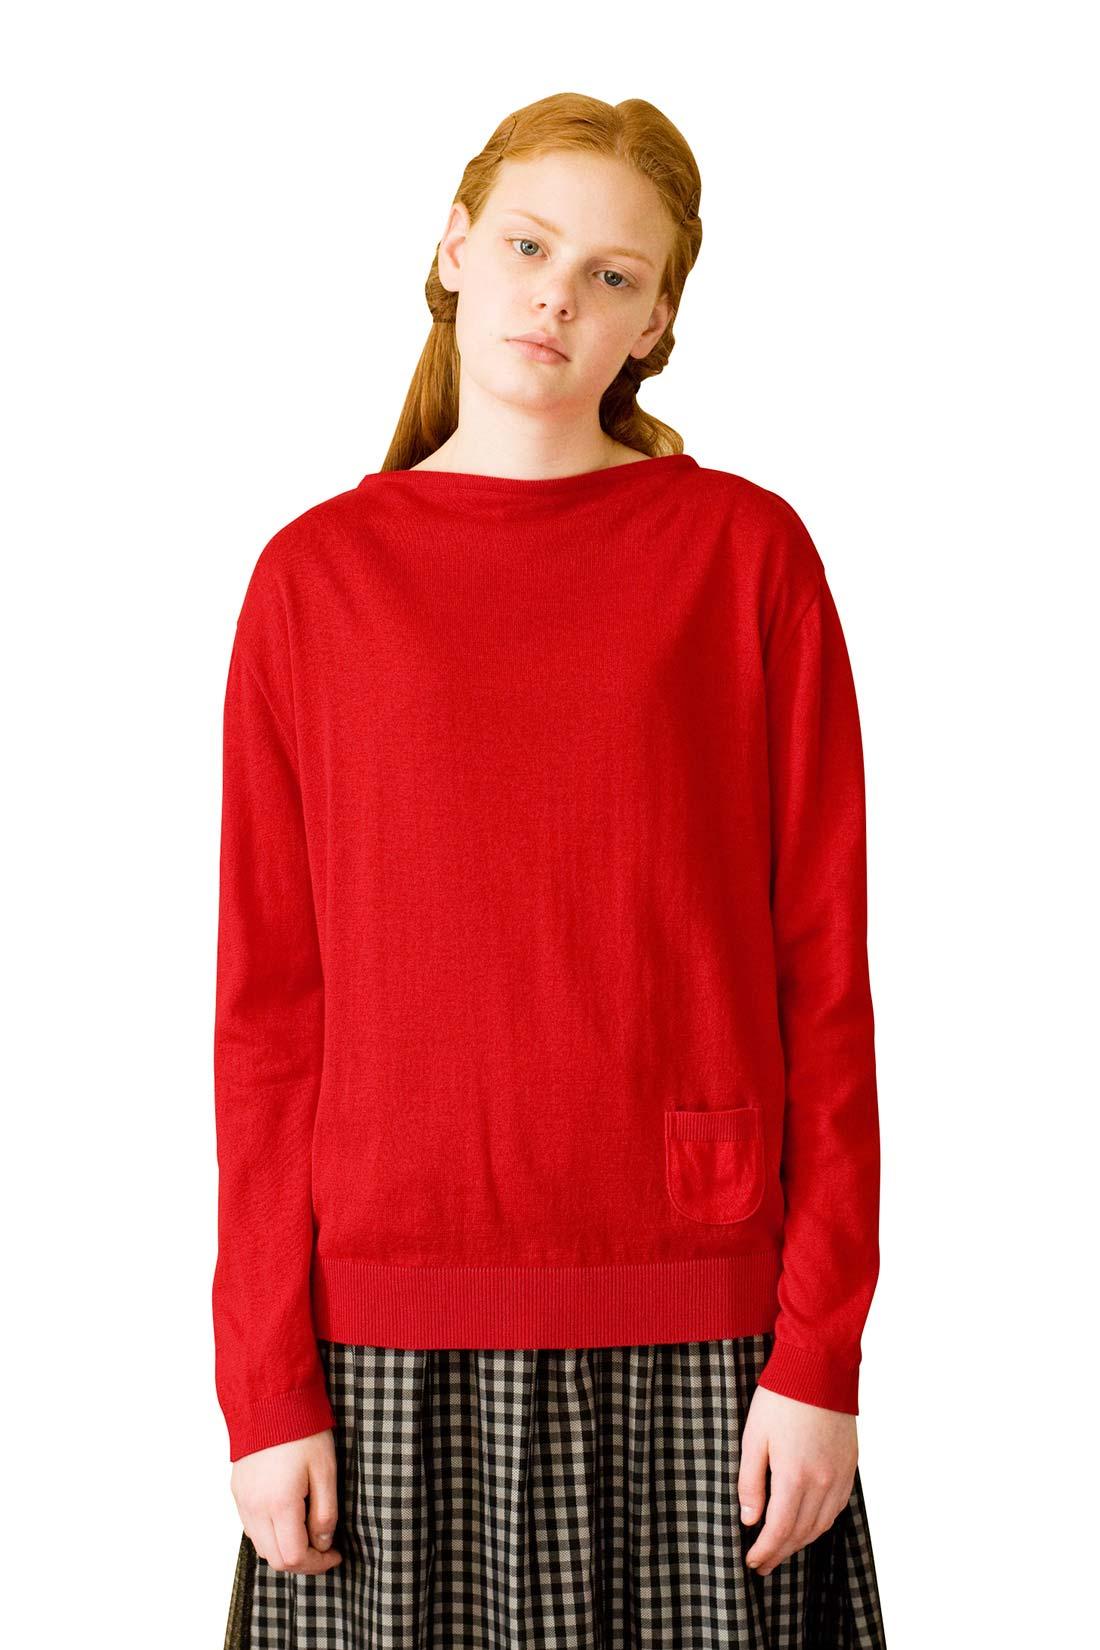 どちらを前にしても着られるよ。 ※着用イメージです。お届けするカラーとは異なります。